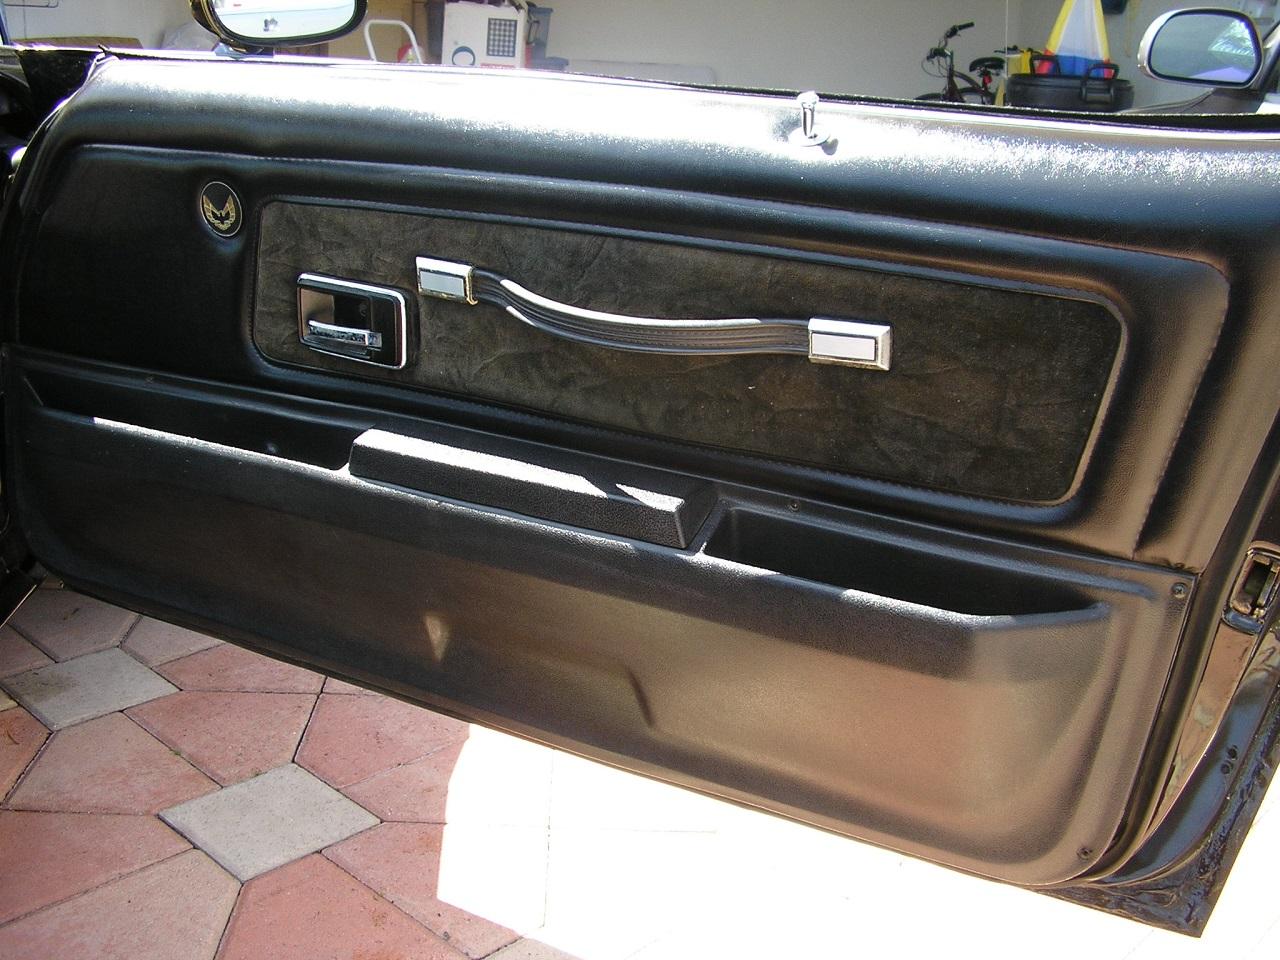 & 1977 Firebird Trans Am Deluxe Door Panels Pre-Assembled